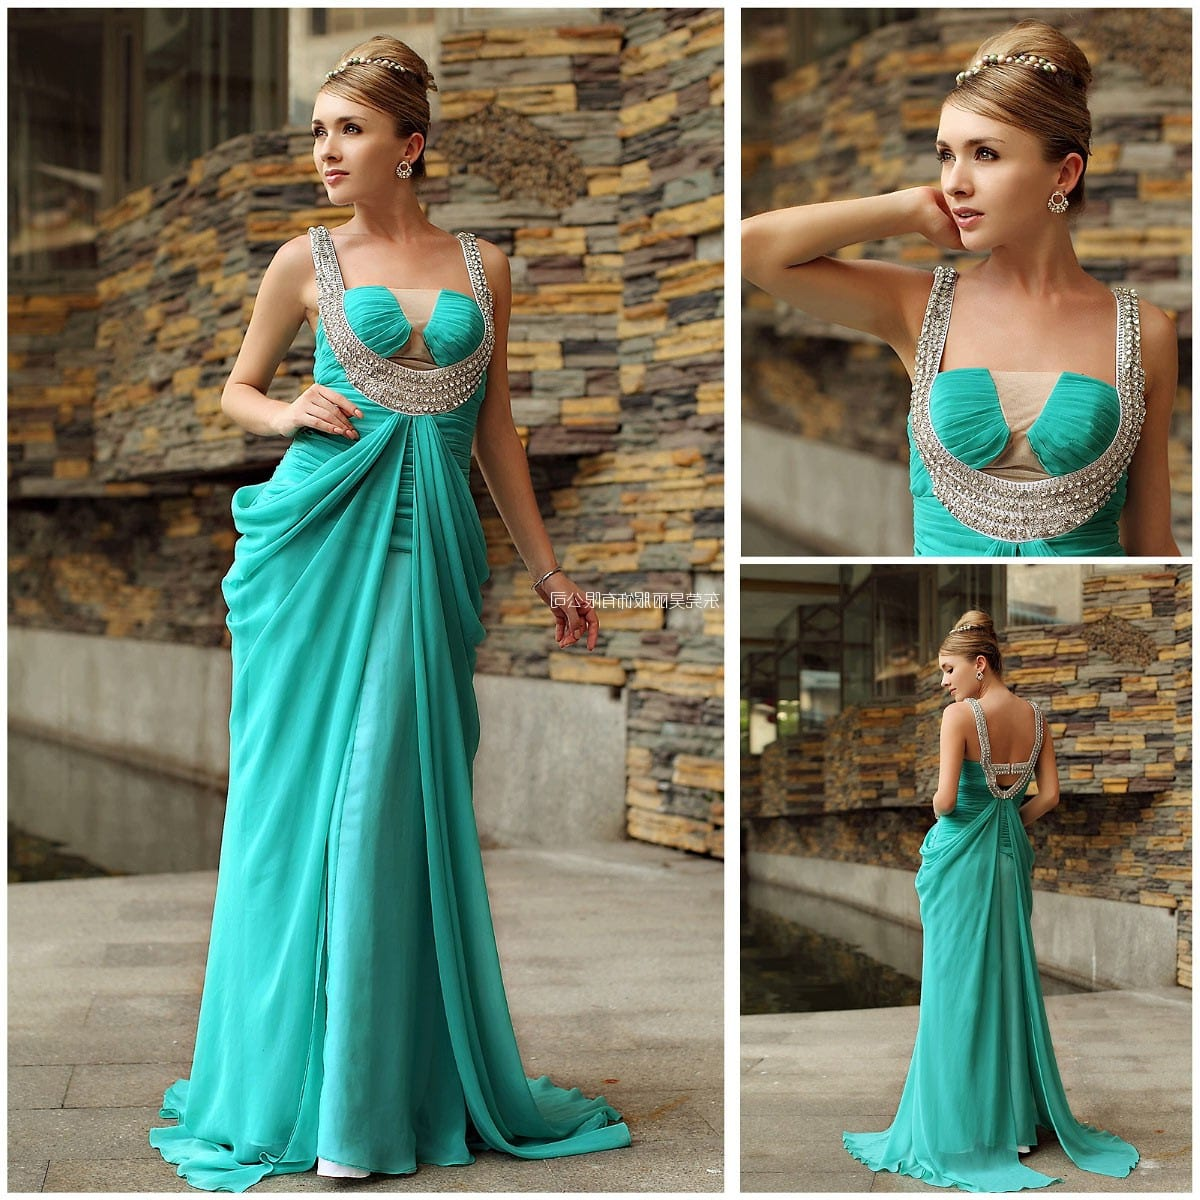 Фото платьев греческие